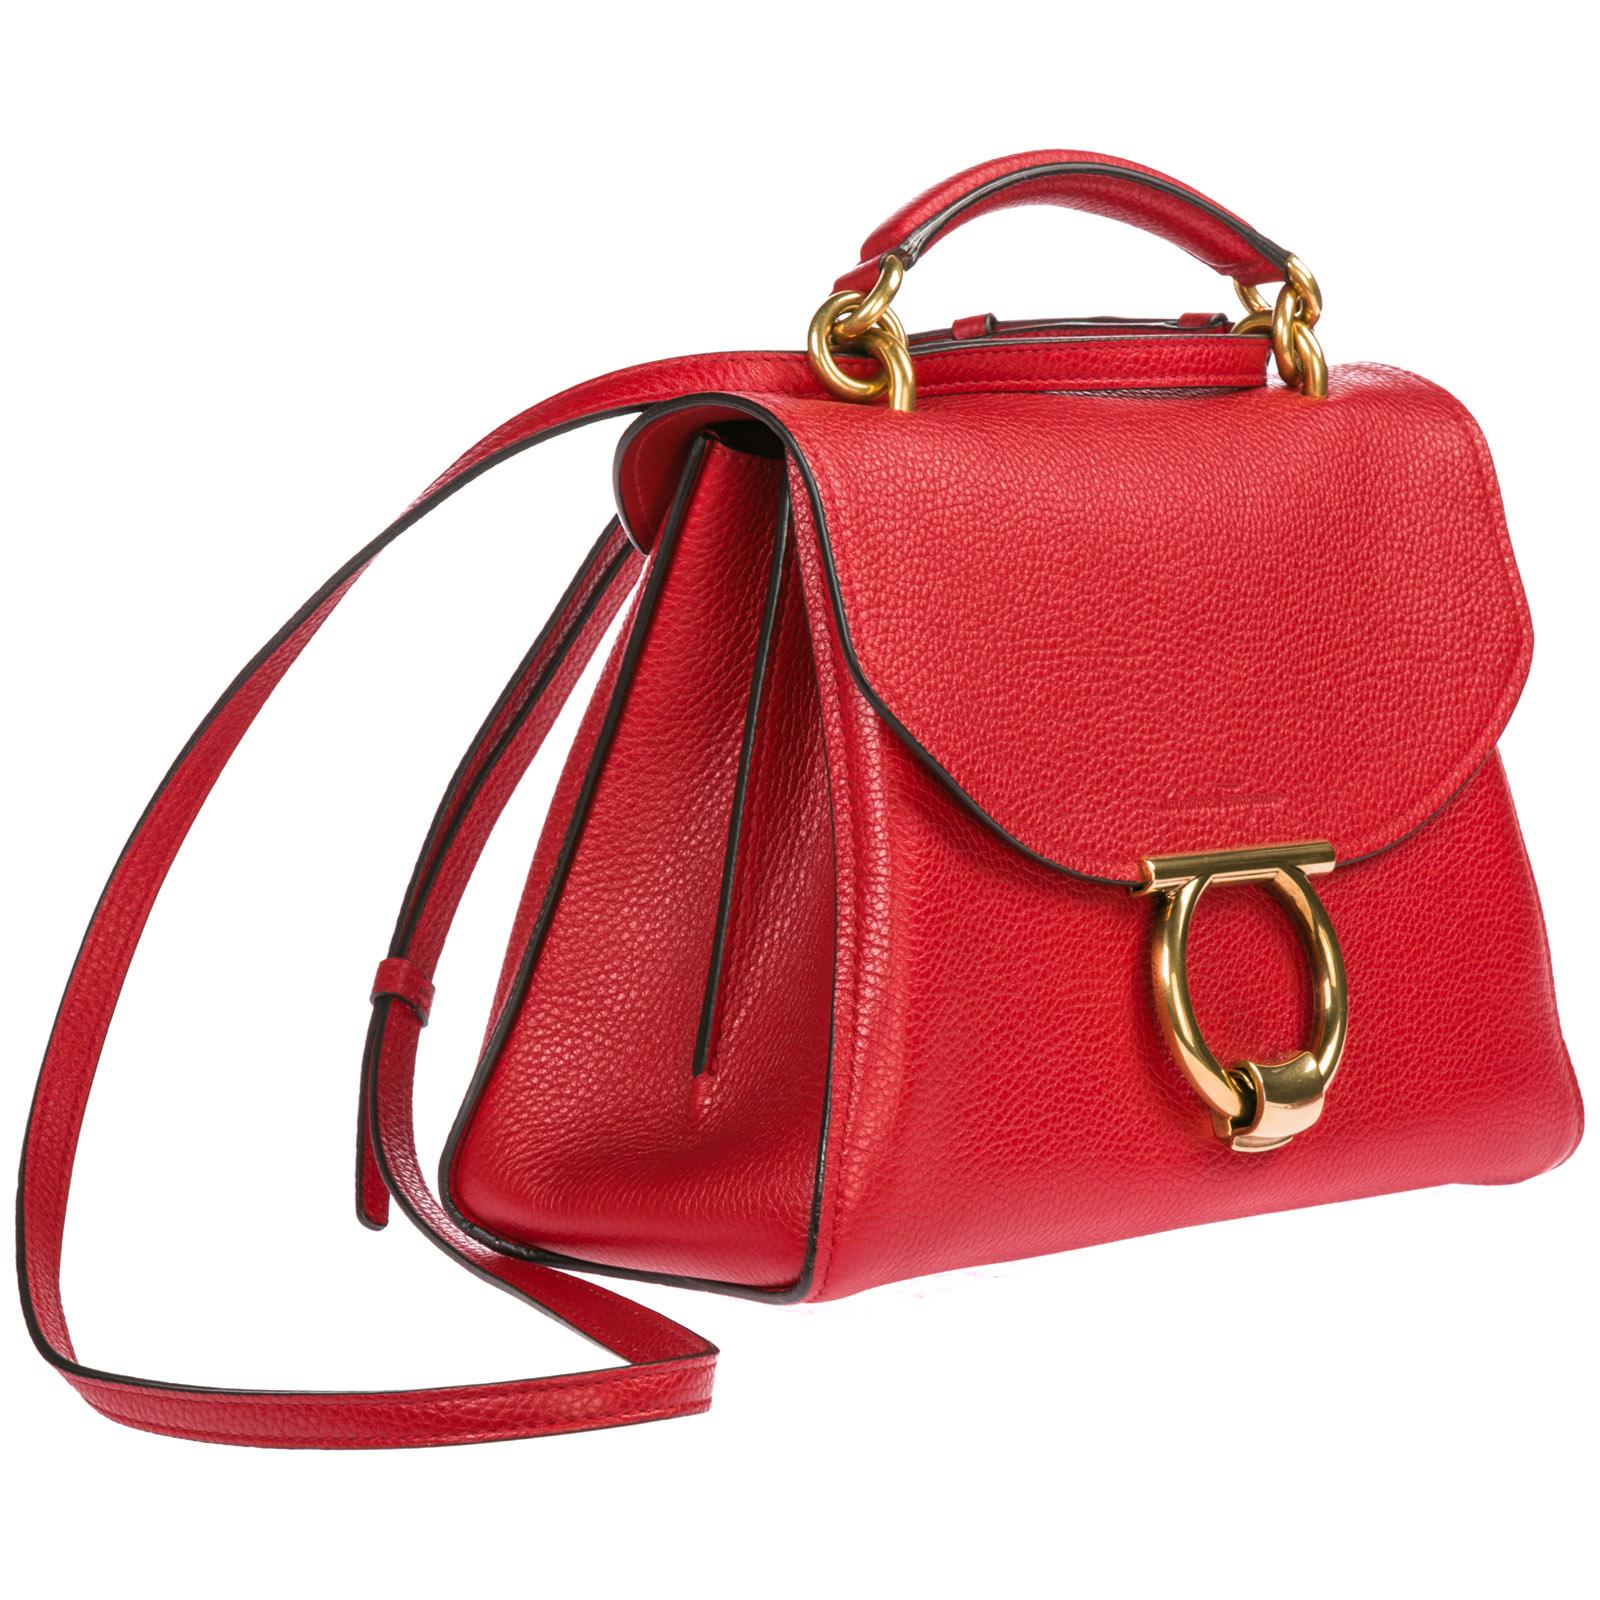 c3bdfea9d310 ... Women s handbag shopping bag purse tote in pelle ...